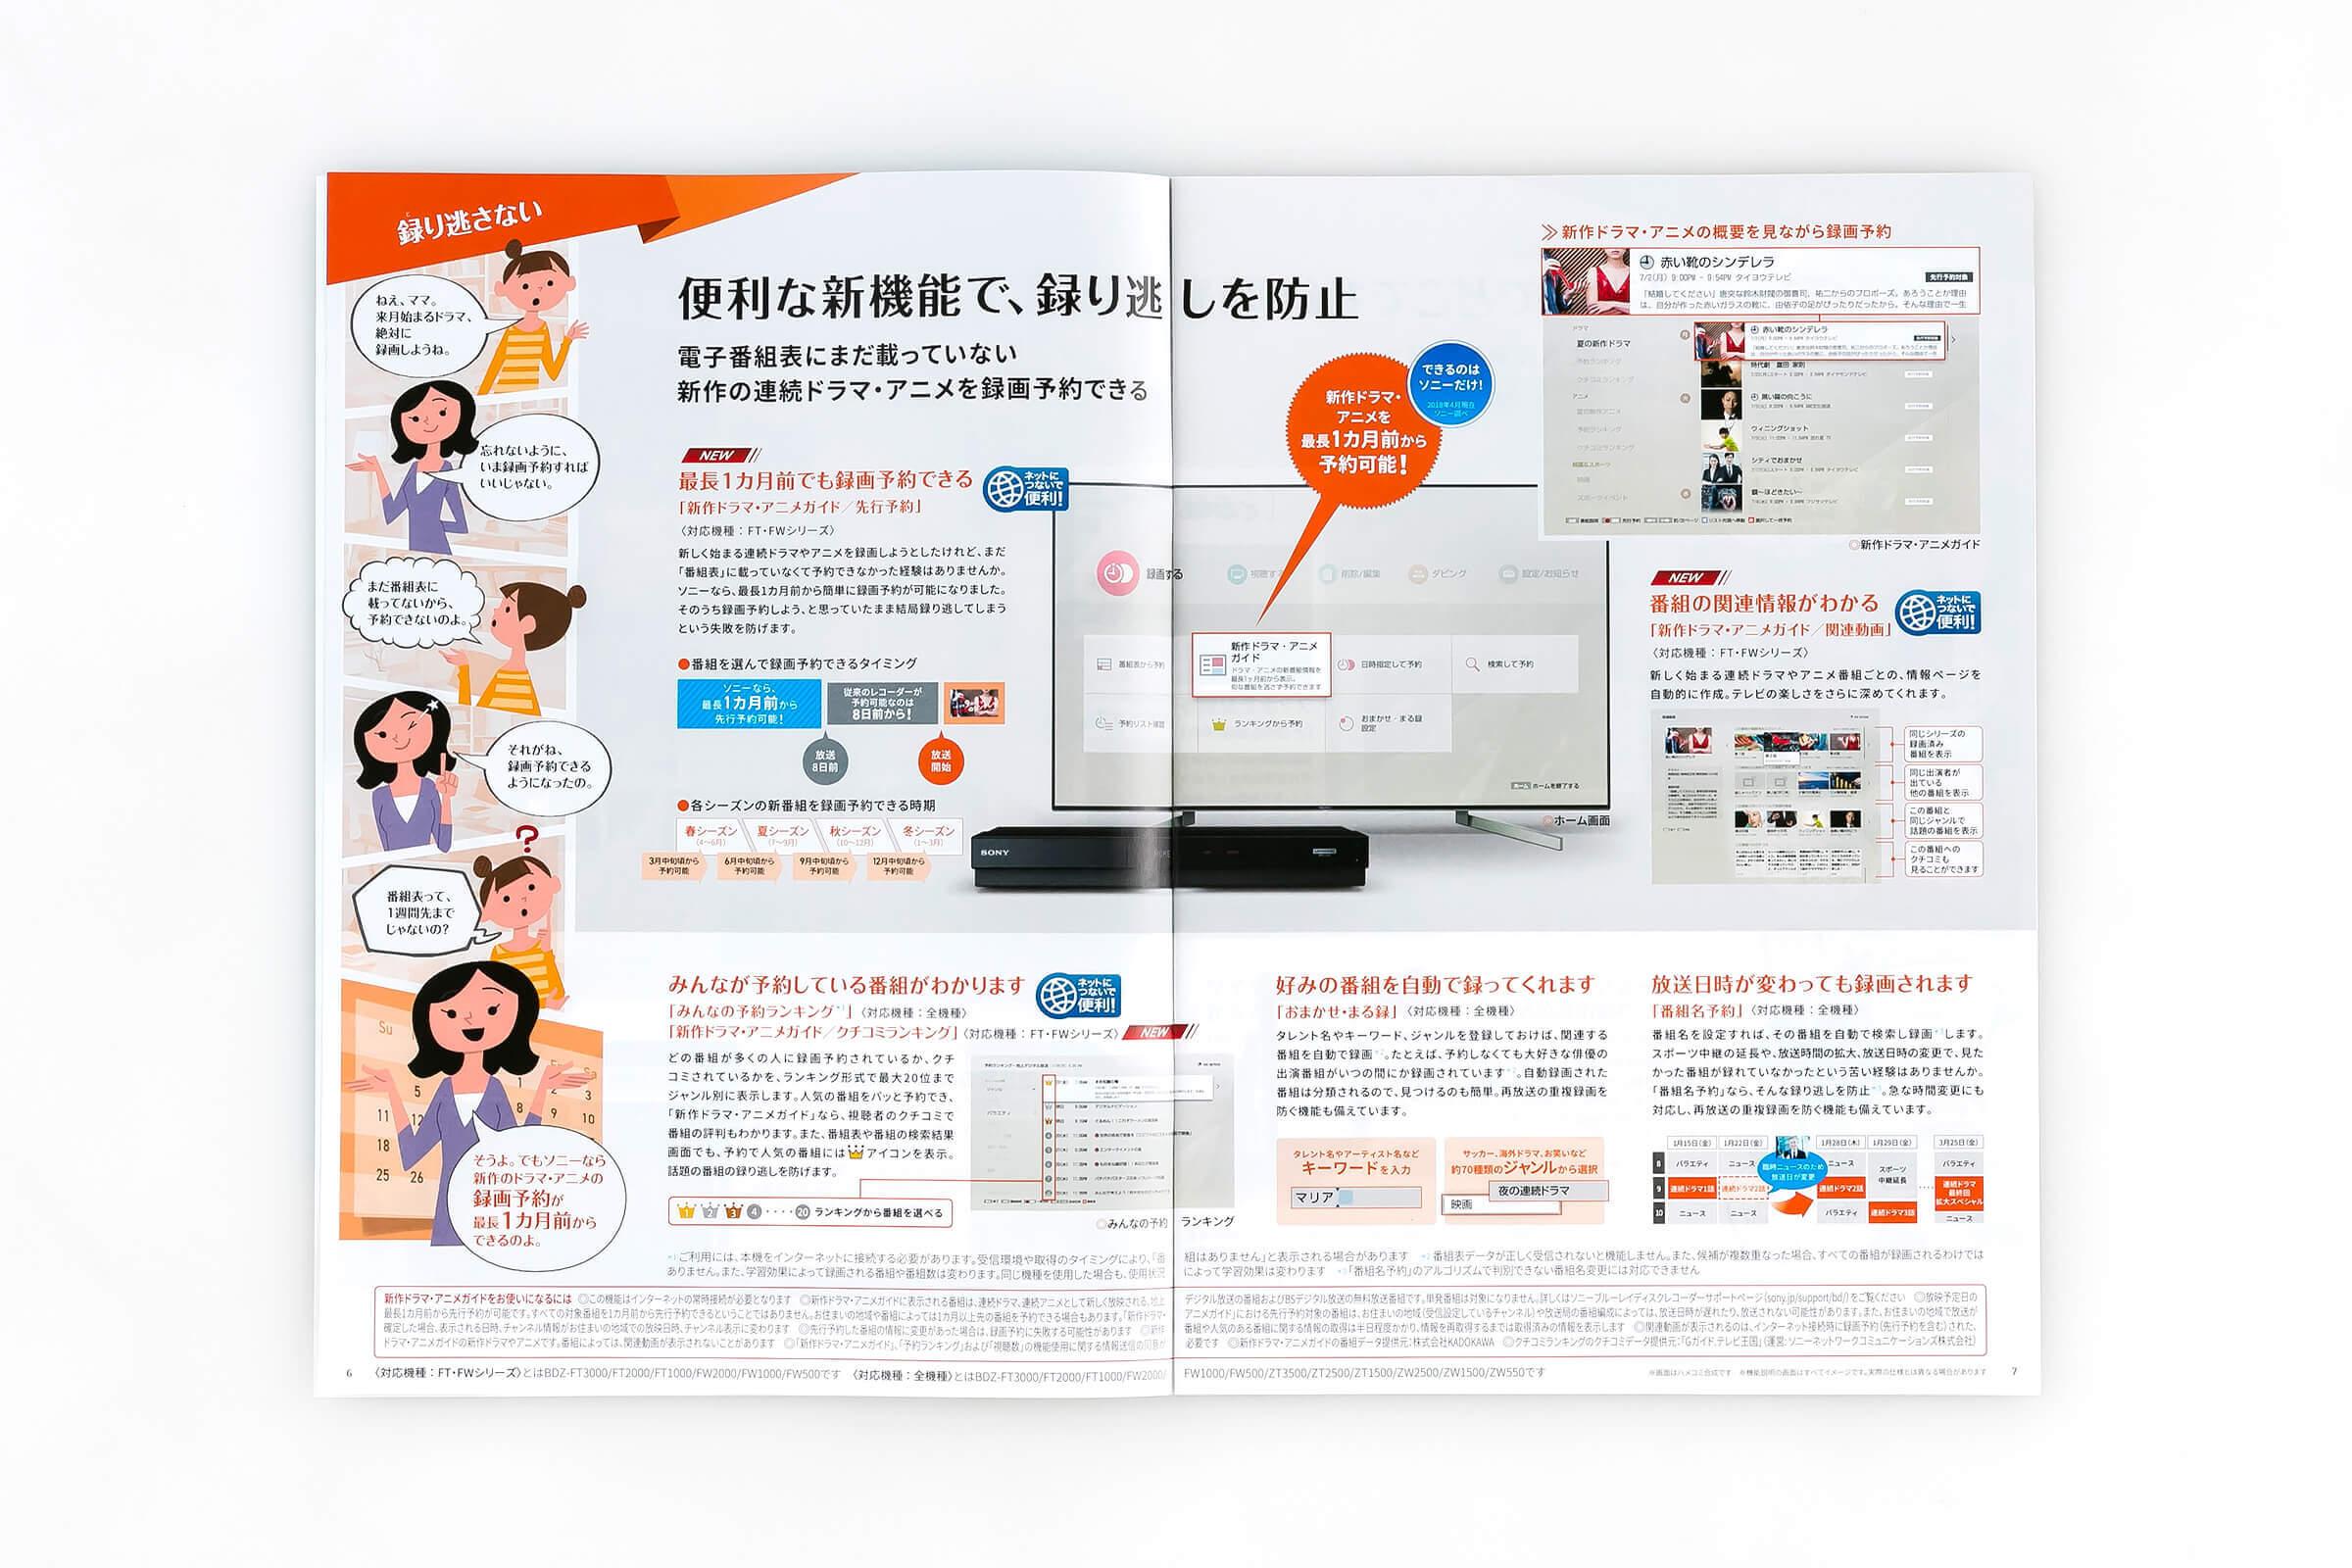 ブルーレイディスク/DVDレコーダー総合パンフレット2018年春号 6-7先行予約説明ページ